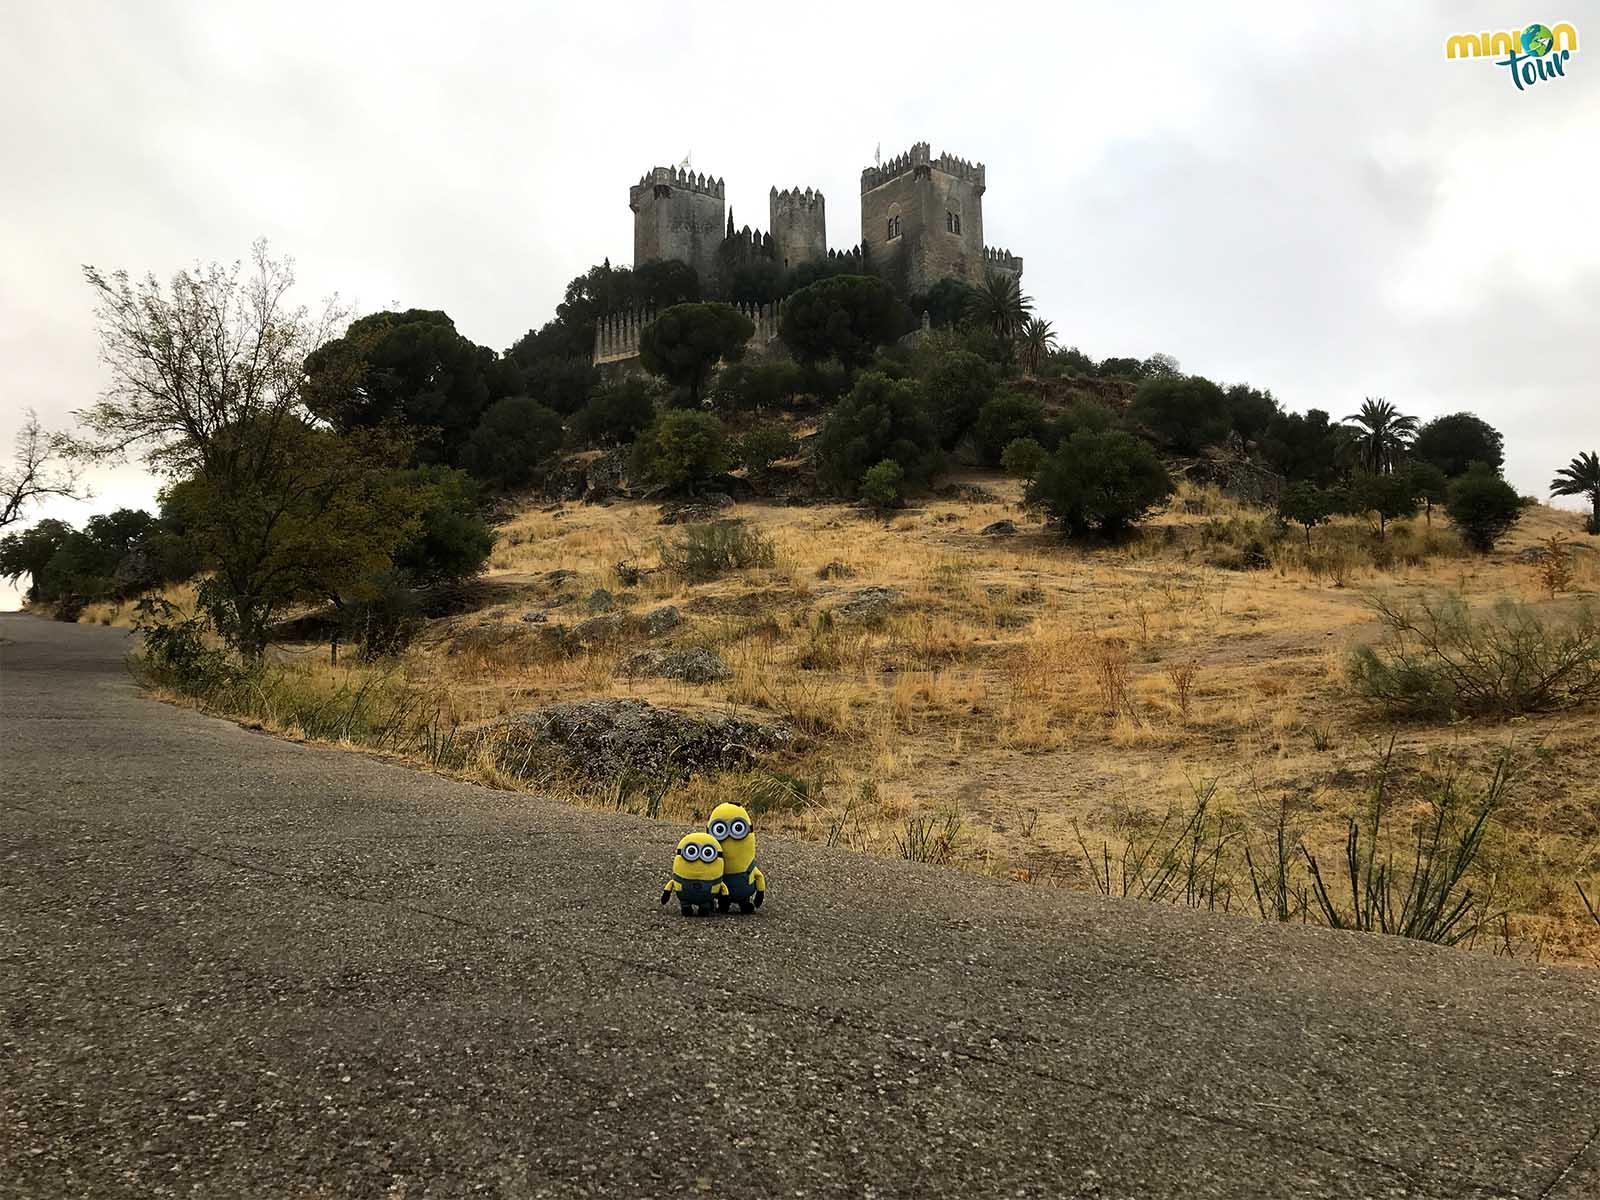 2 Minions en las Jornadas Medievales del Castillo de Almodóvar del Río